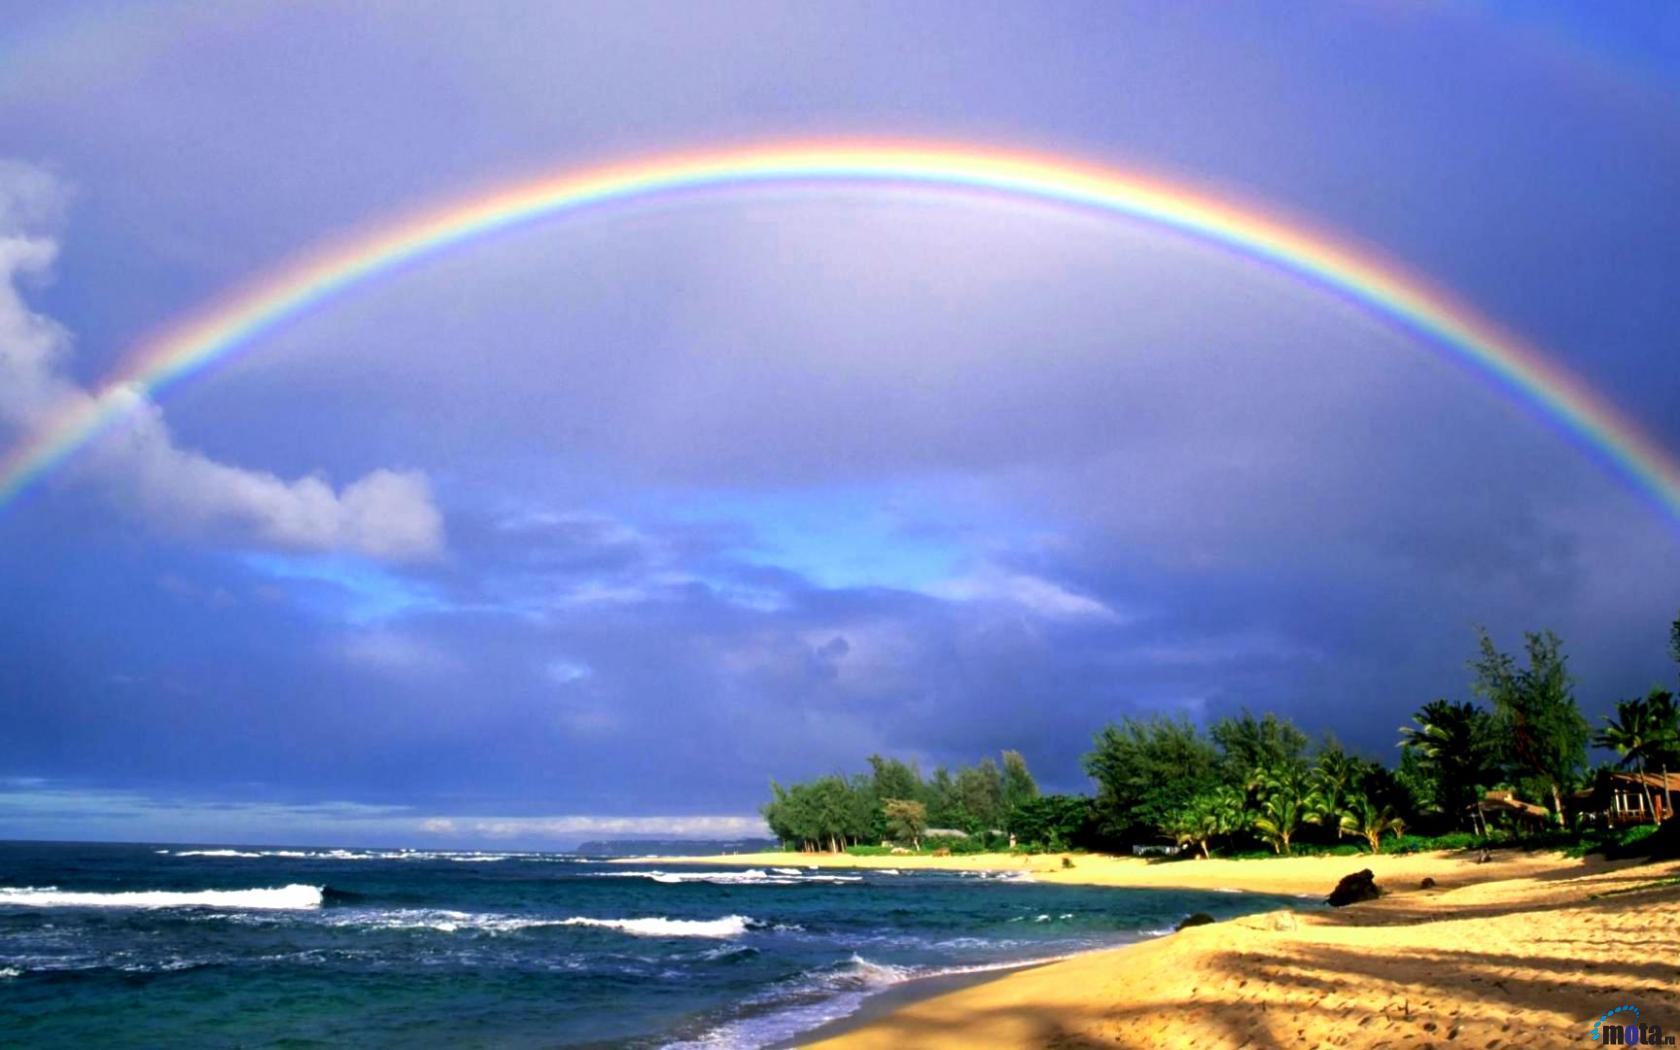 Wallpaper Rainbow Over Kauai Hawaii 1680 x 1050 widescreen Desktop 1680x1050